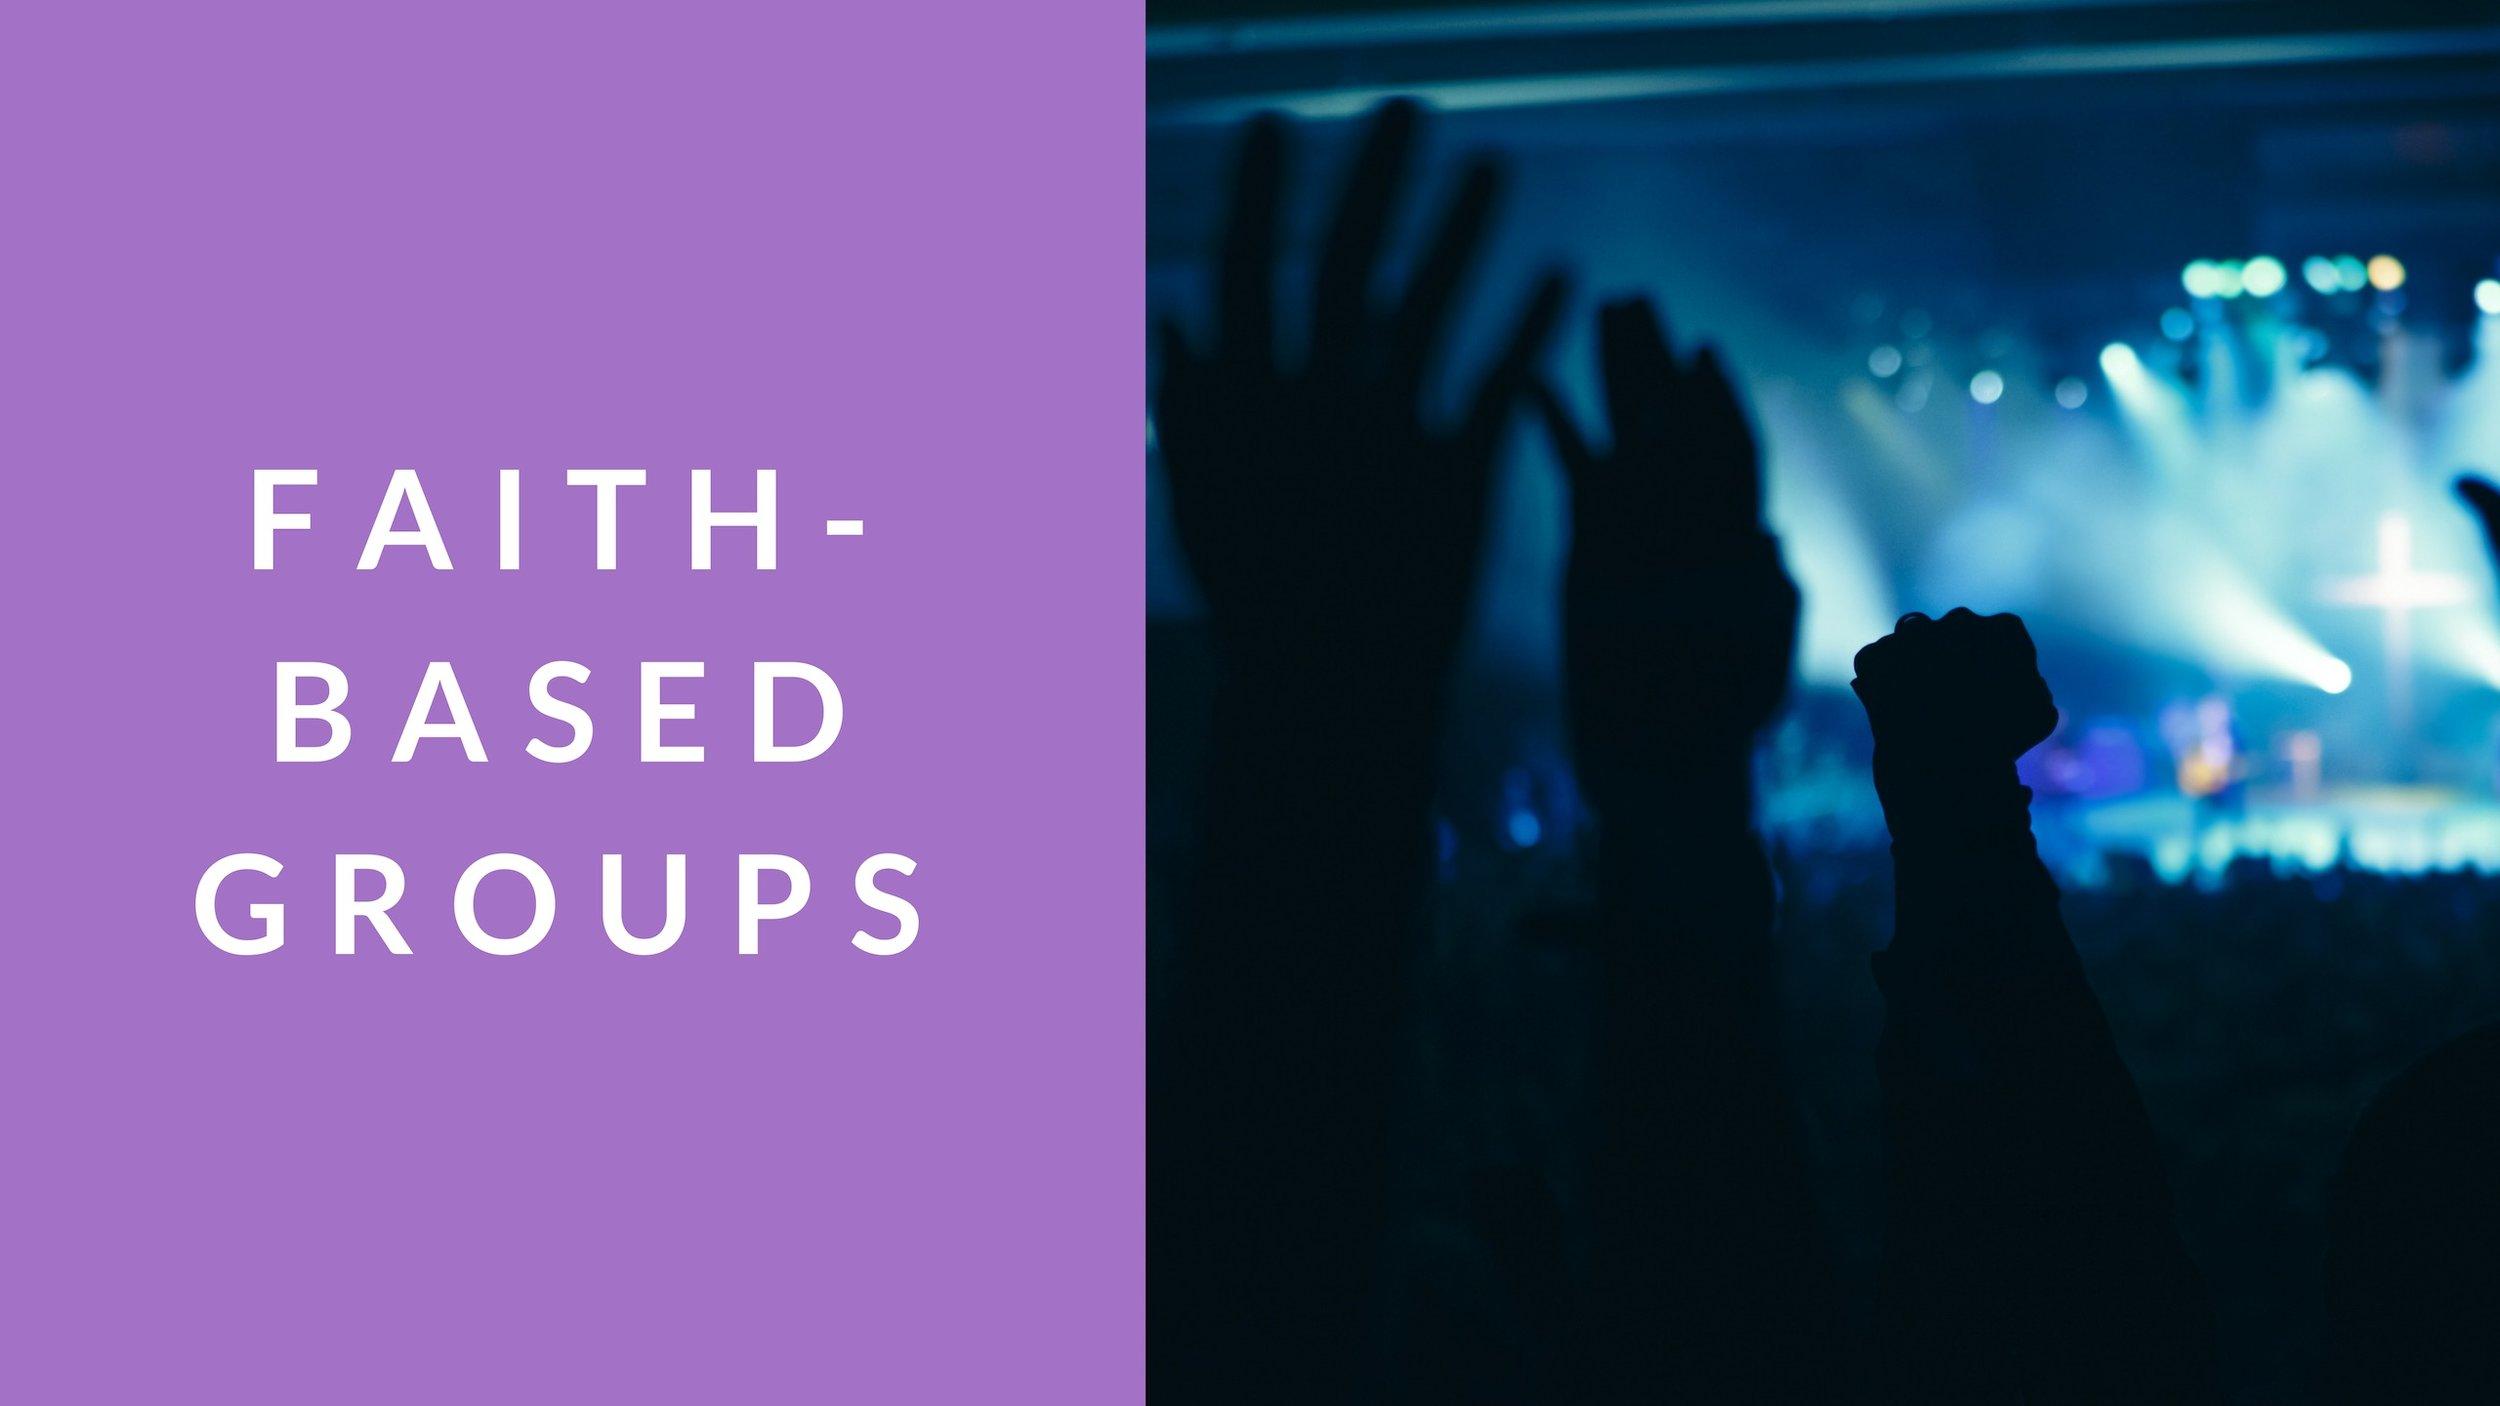 Design - Faith-Based Groups3jpeg.jpg